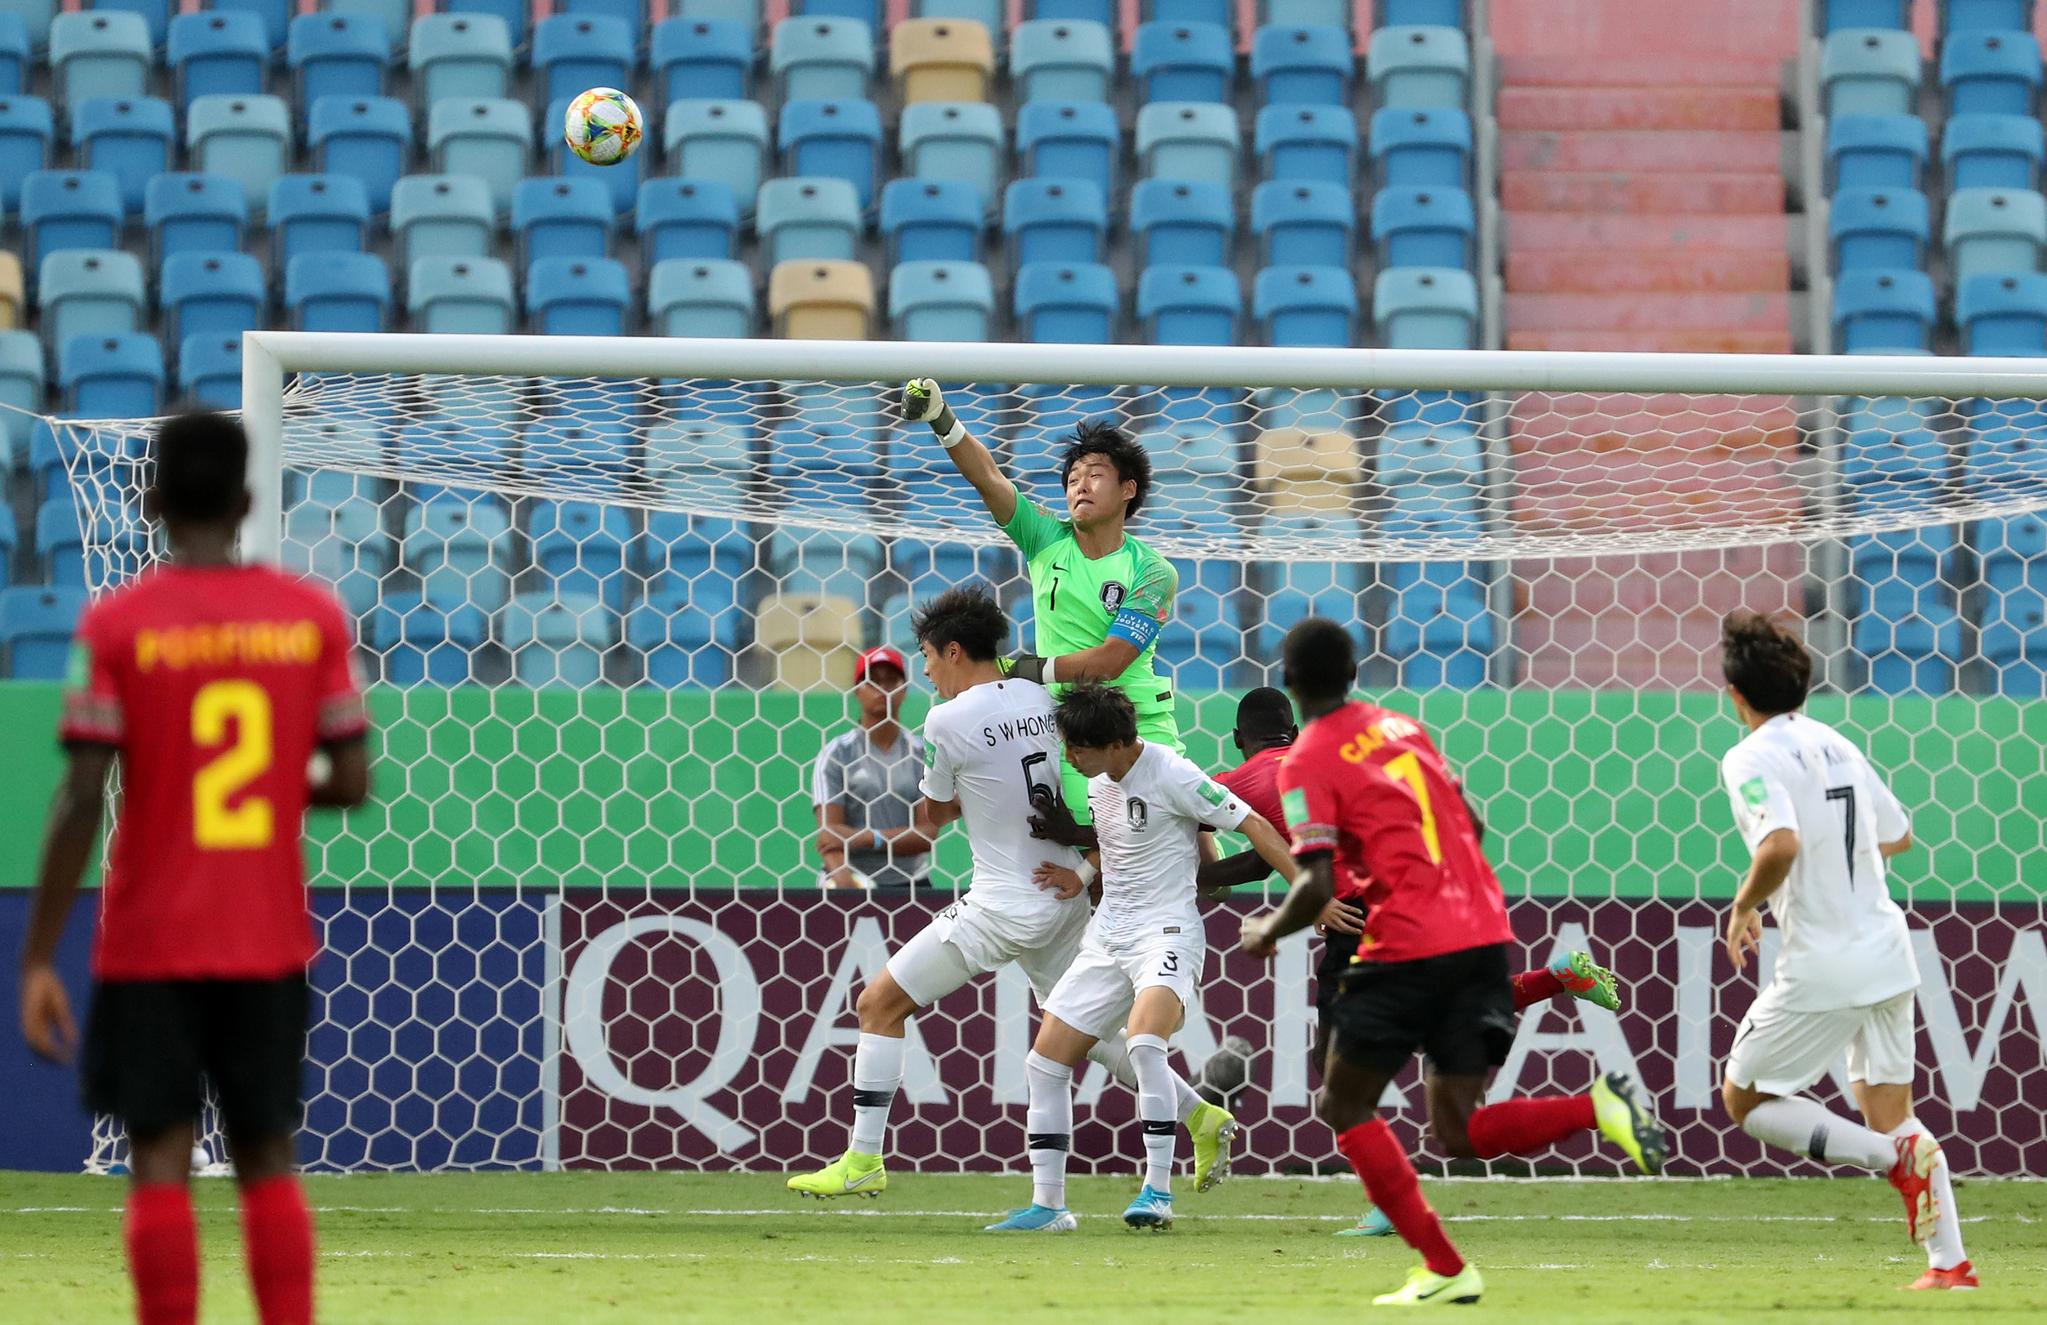 신송훈이 U-17 월드컵 앙골라와 16강전에서 결정적인 상대 중거리 슛을 펀칭으로 막아내고 있다. 신송훈은 키 1m80㎝로 골키퍼로는 작은 편이지만, 신들린 선방을 보여줬다. [연합뉴스]